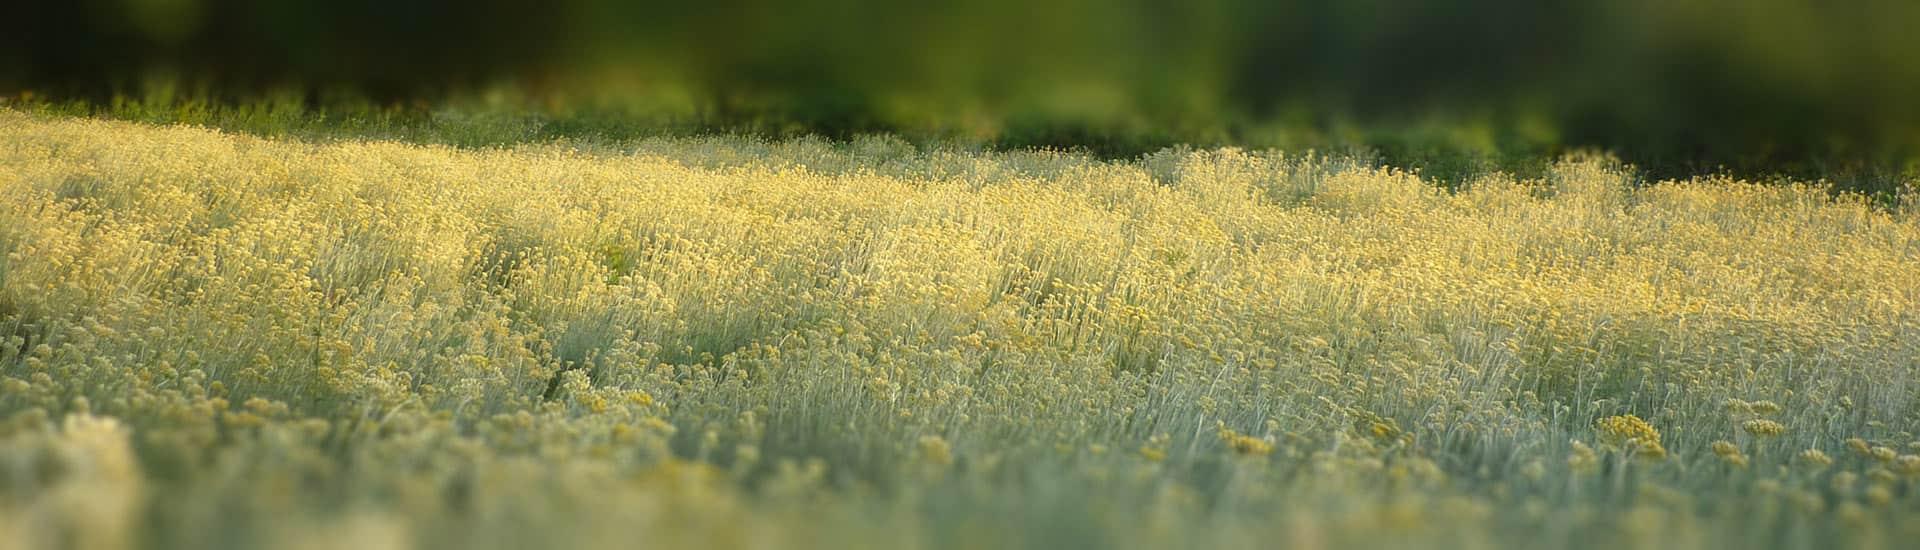 Polje Smilja - Helichrysum Italicum